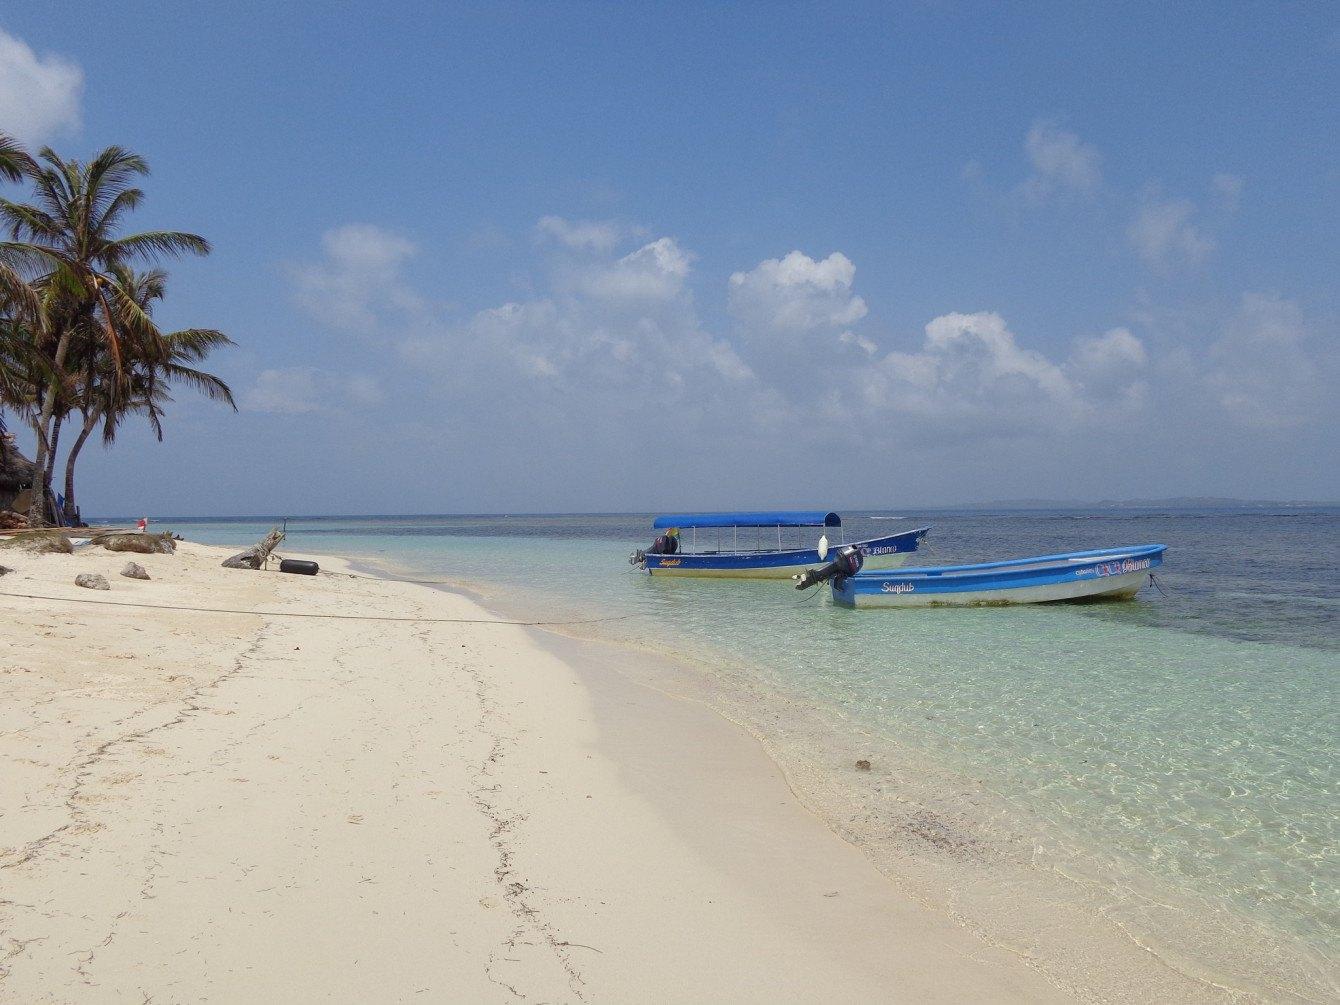 Eine besondere Art der Grenzüberquerung: Im Boot von Kolumbien nach Panama über die traumhaften San Blas Inseln.